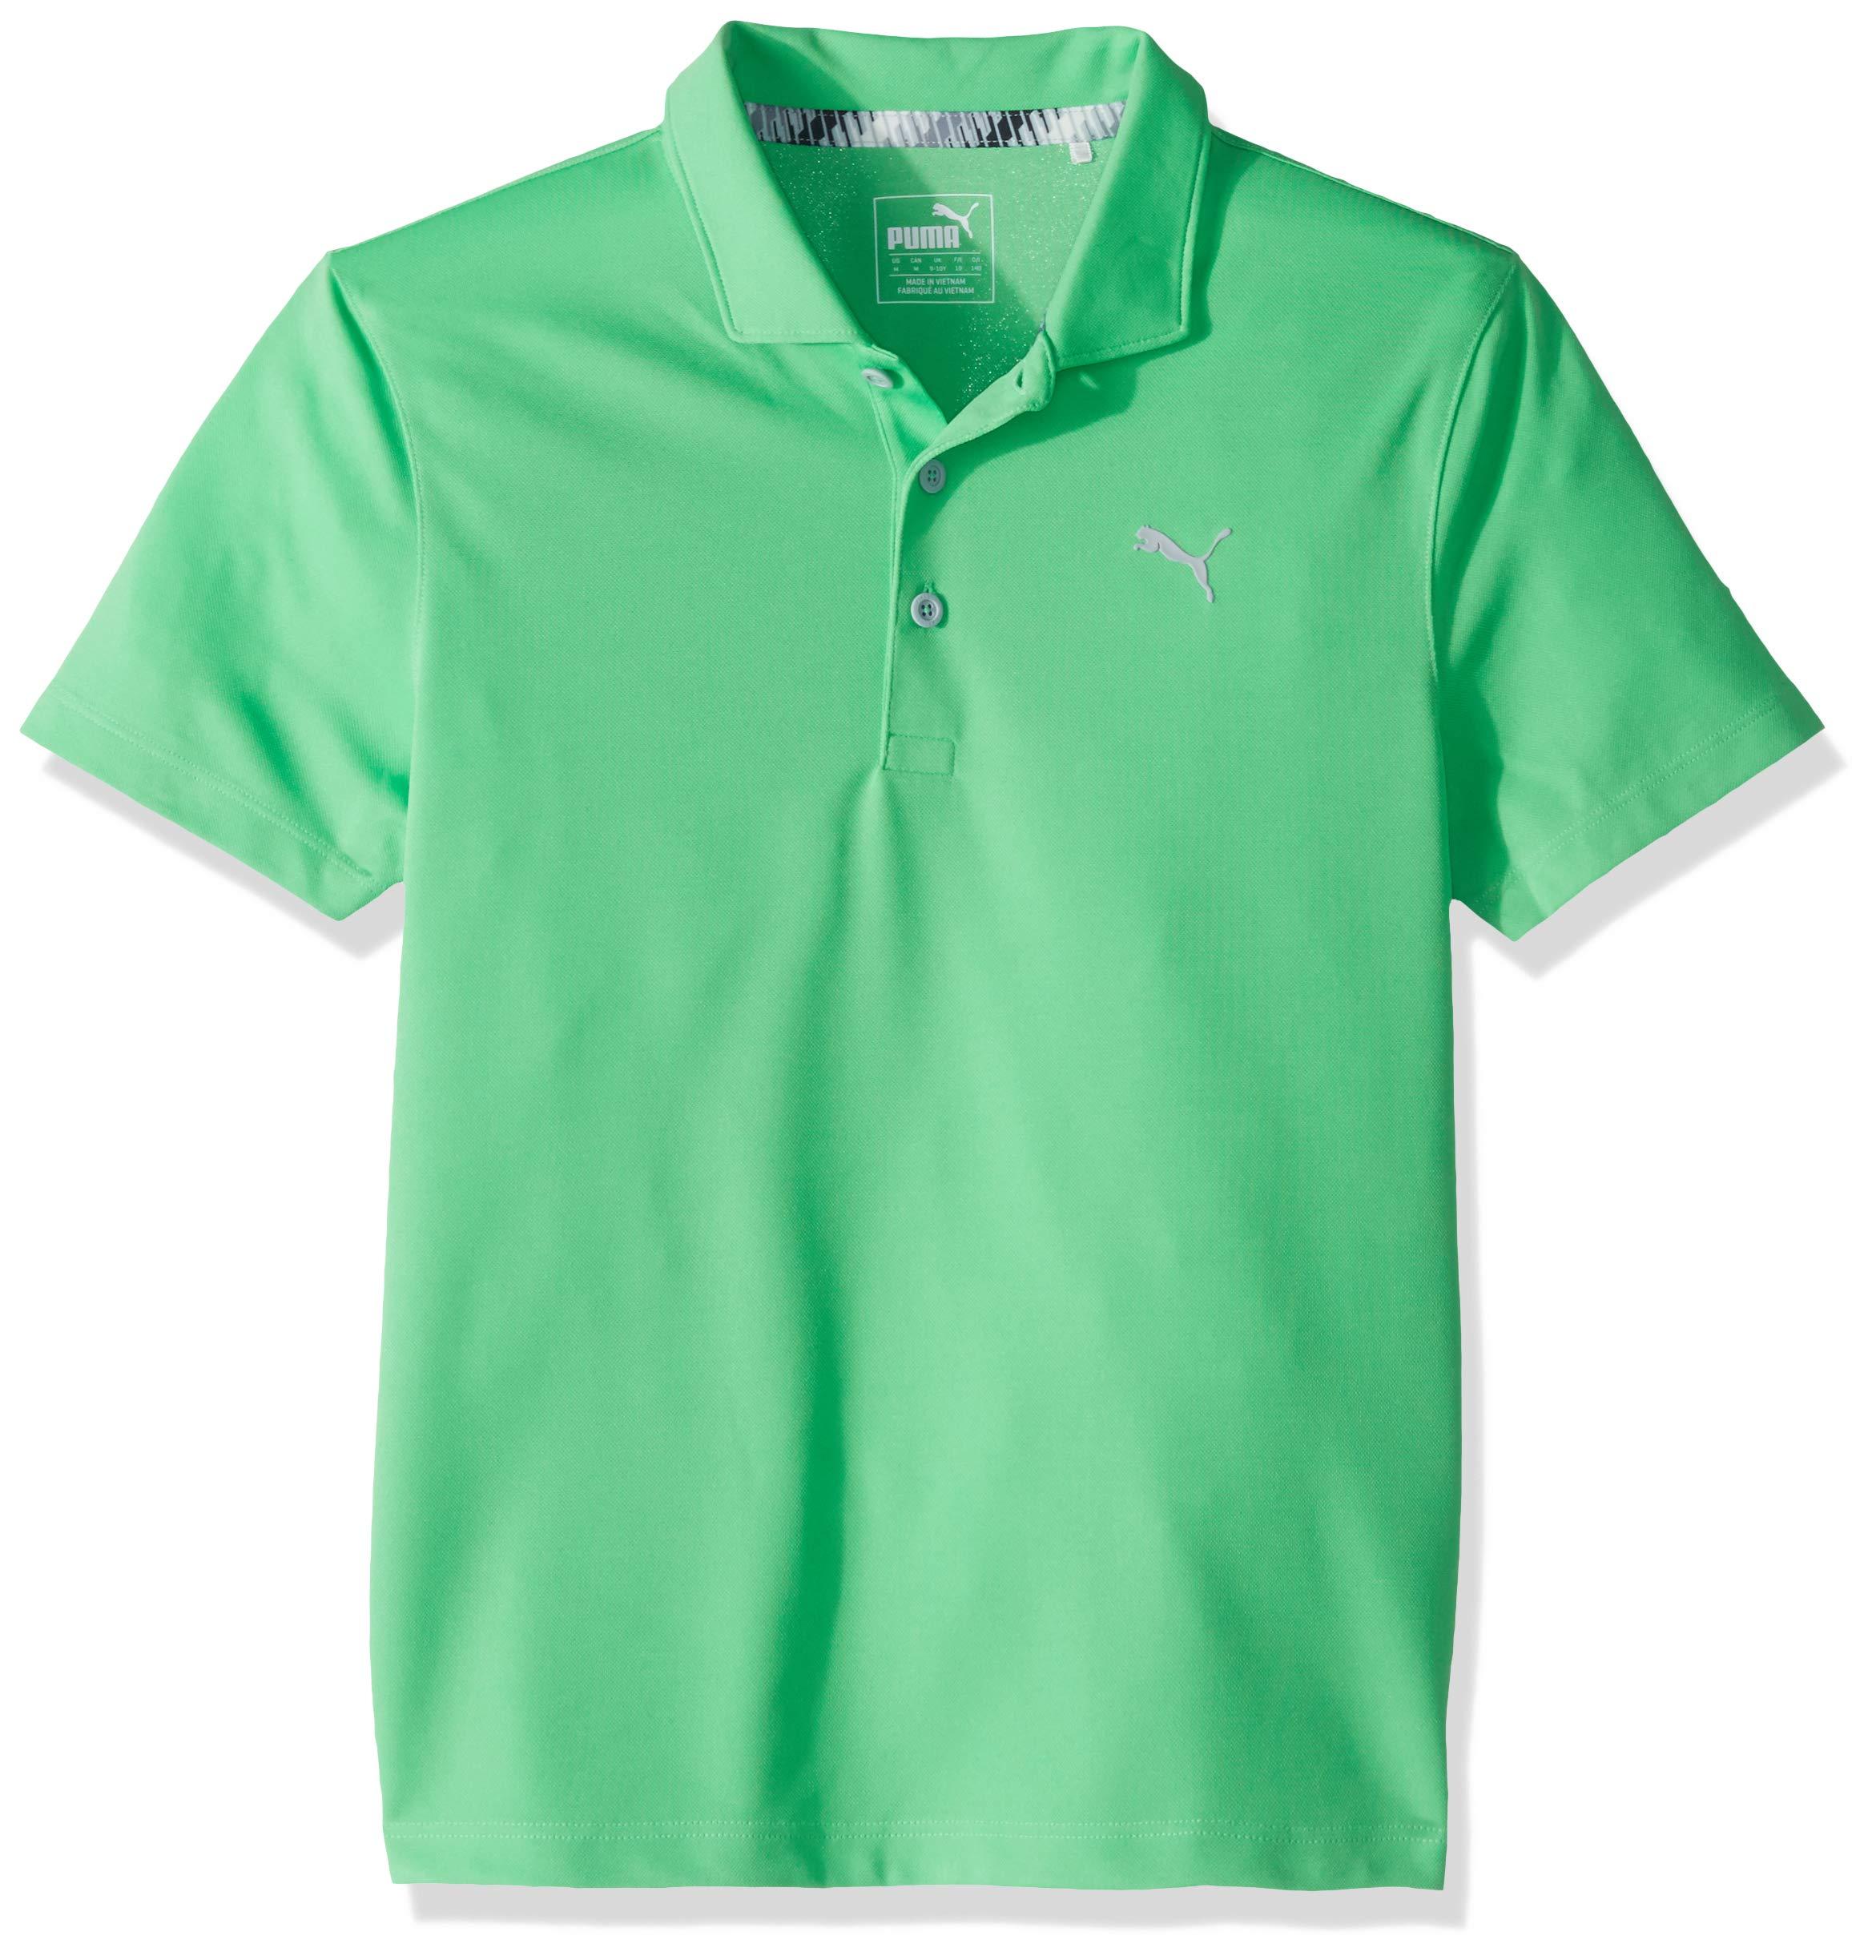 Puma Golf Boys 2019 Polo, Irish Green, x Small by PUMA